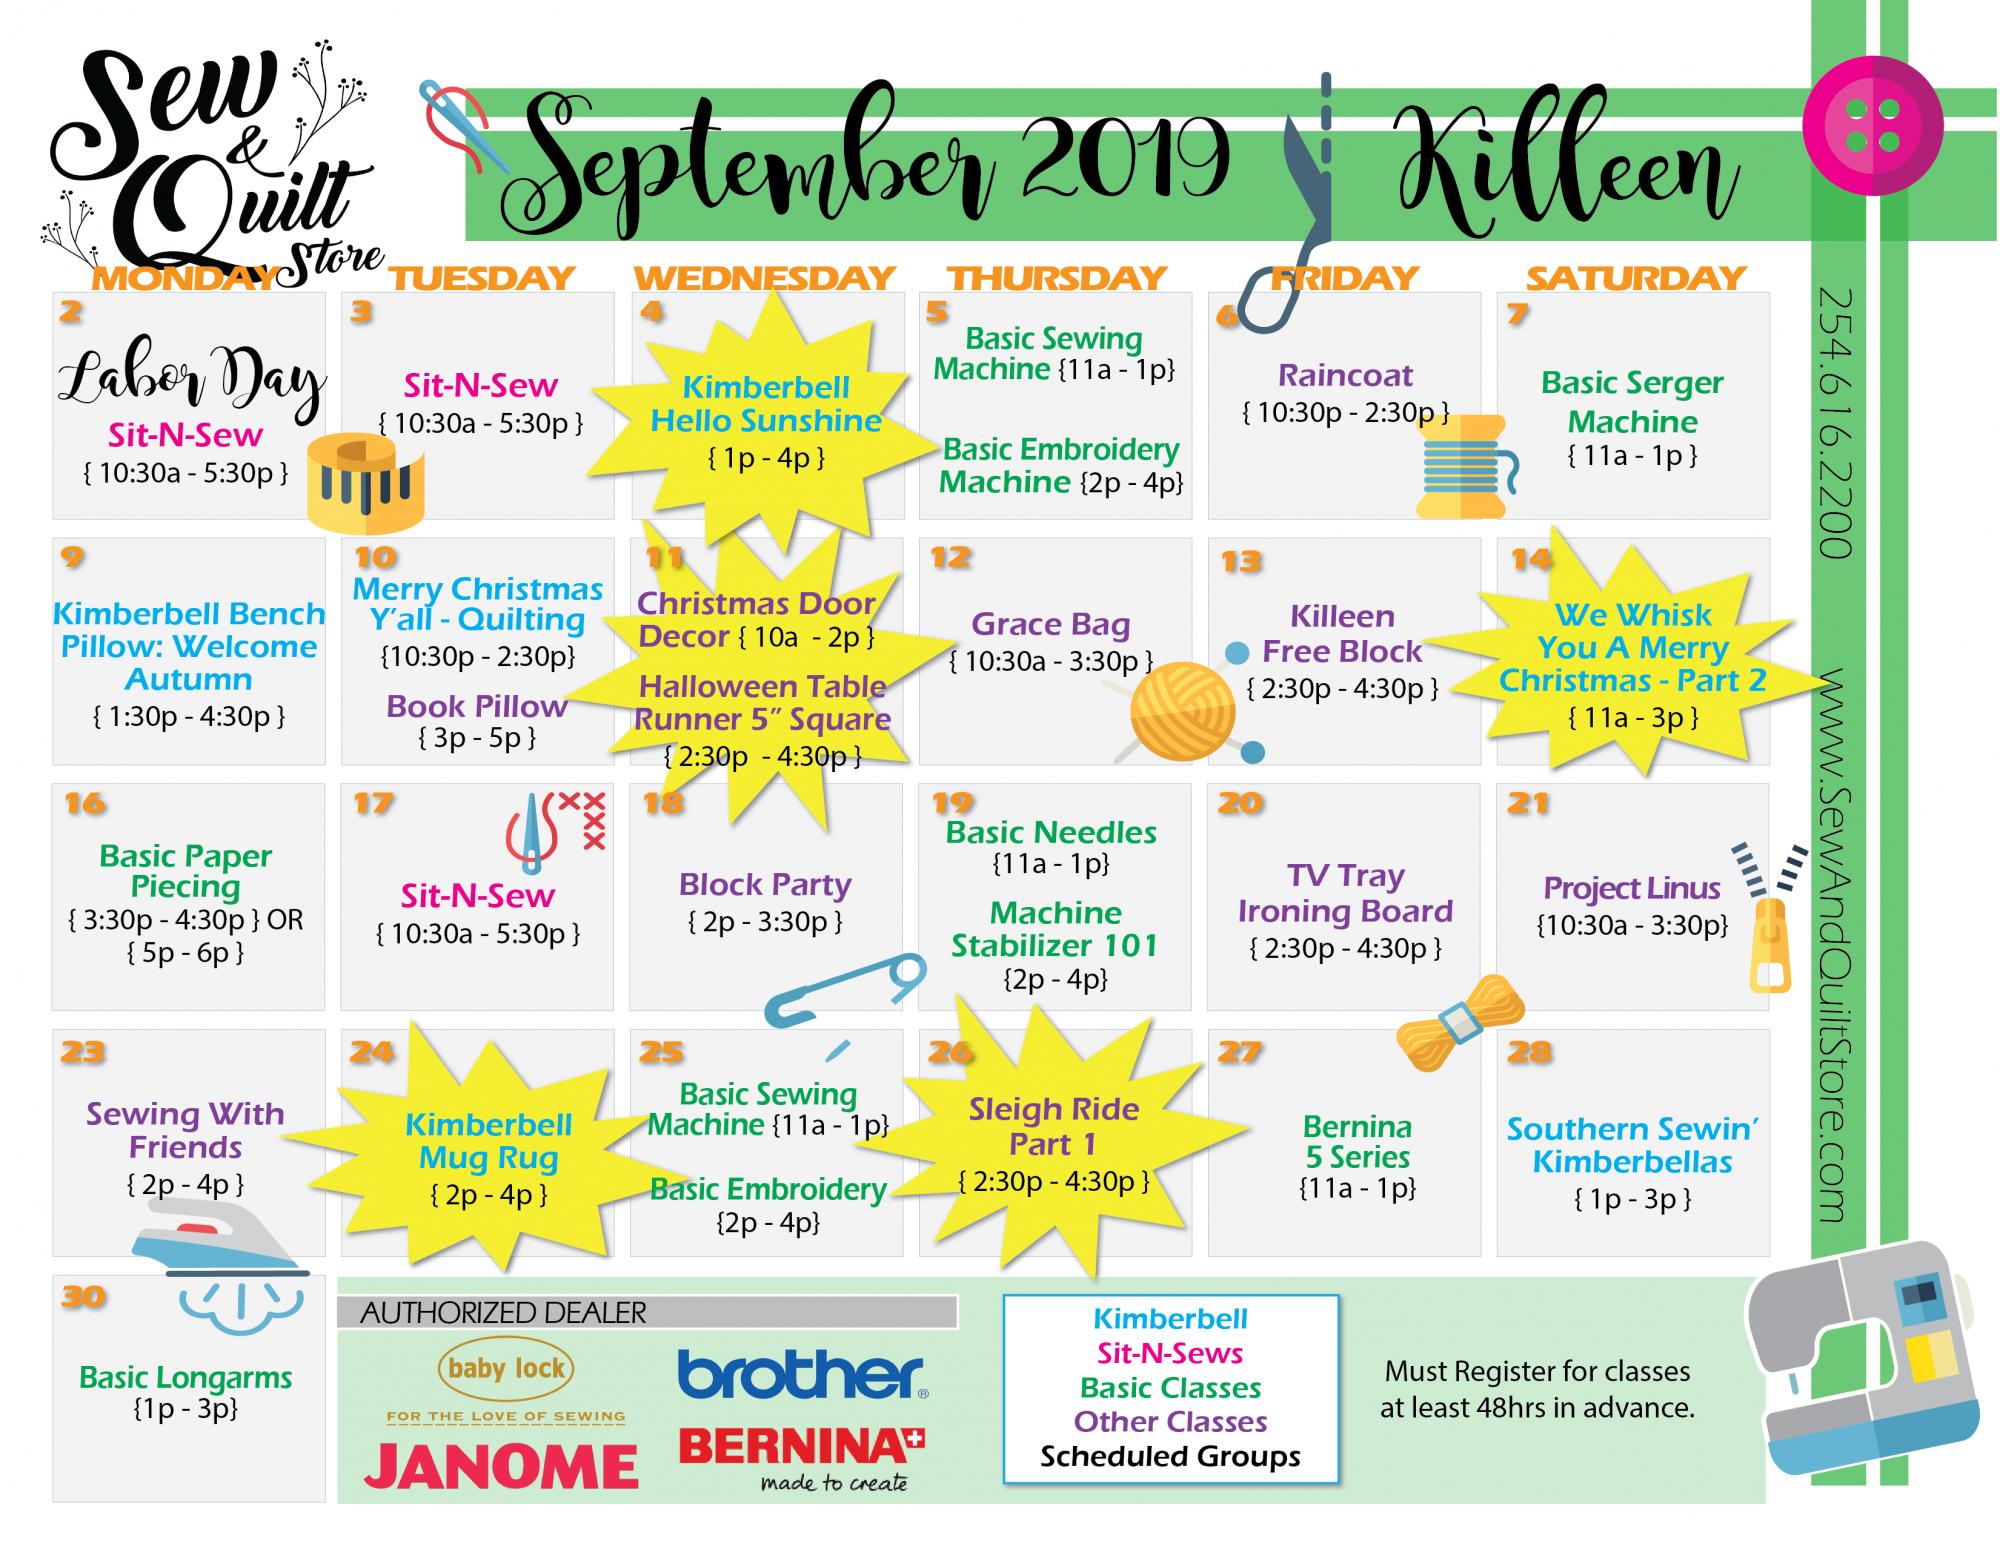 September 2019 Killeen Sew & Quilt Class Calendar